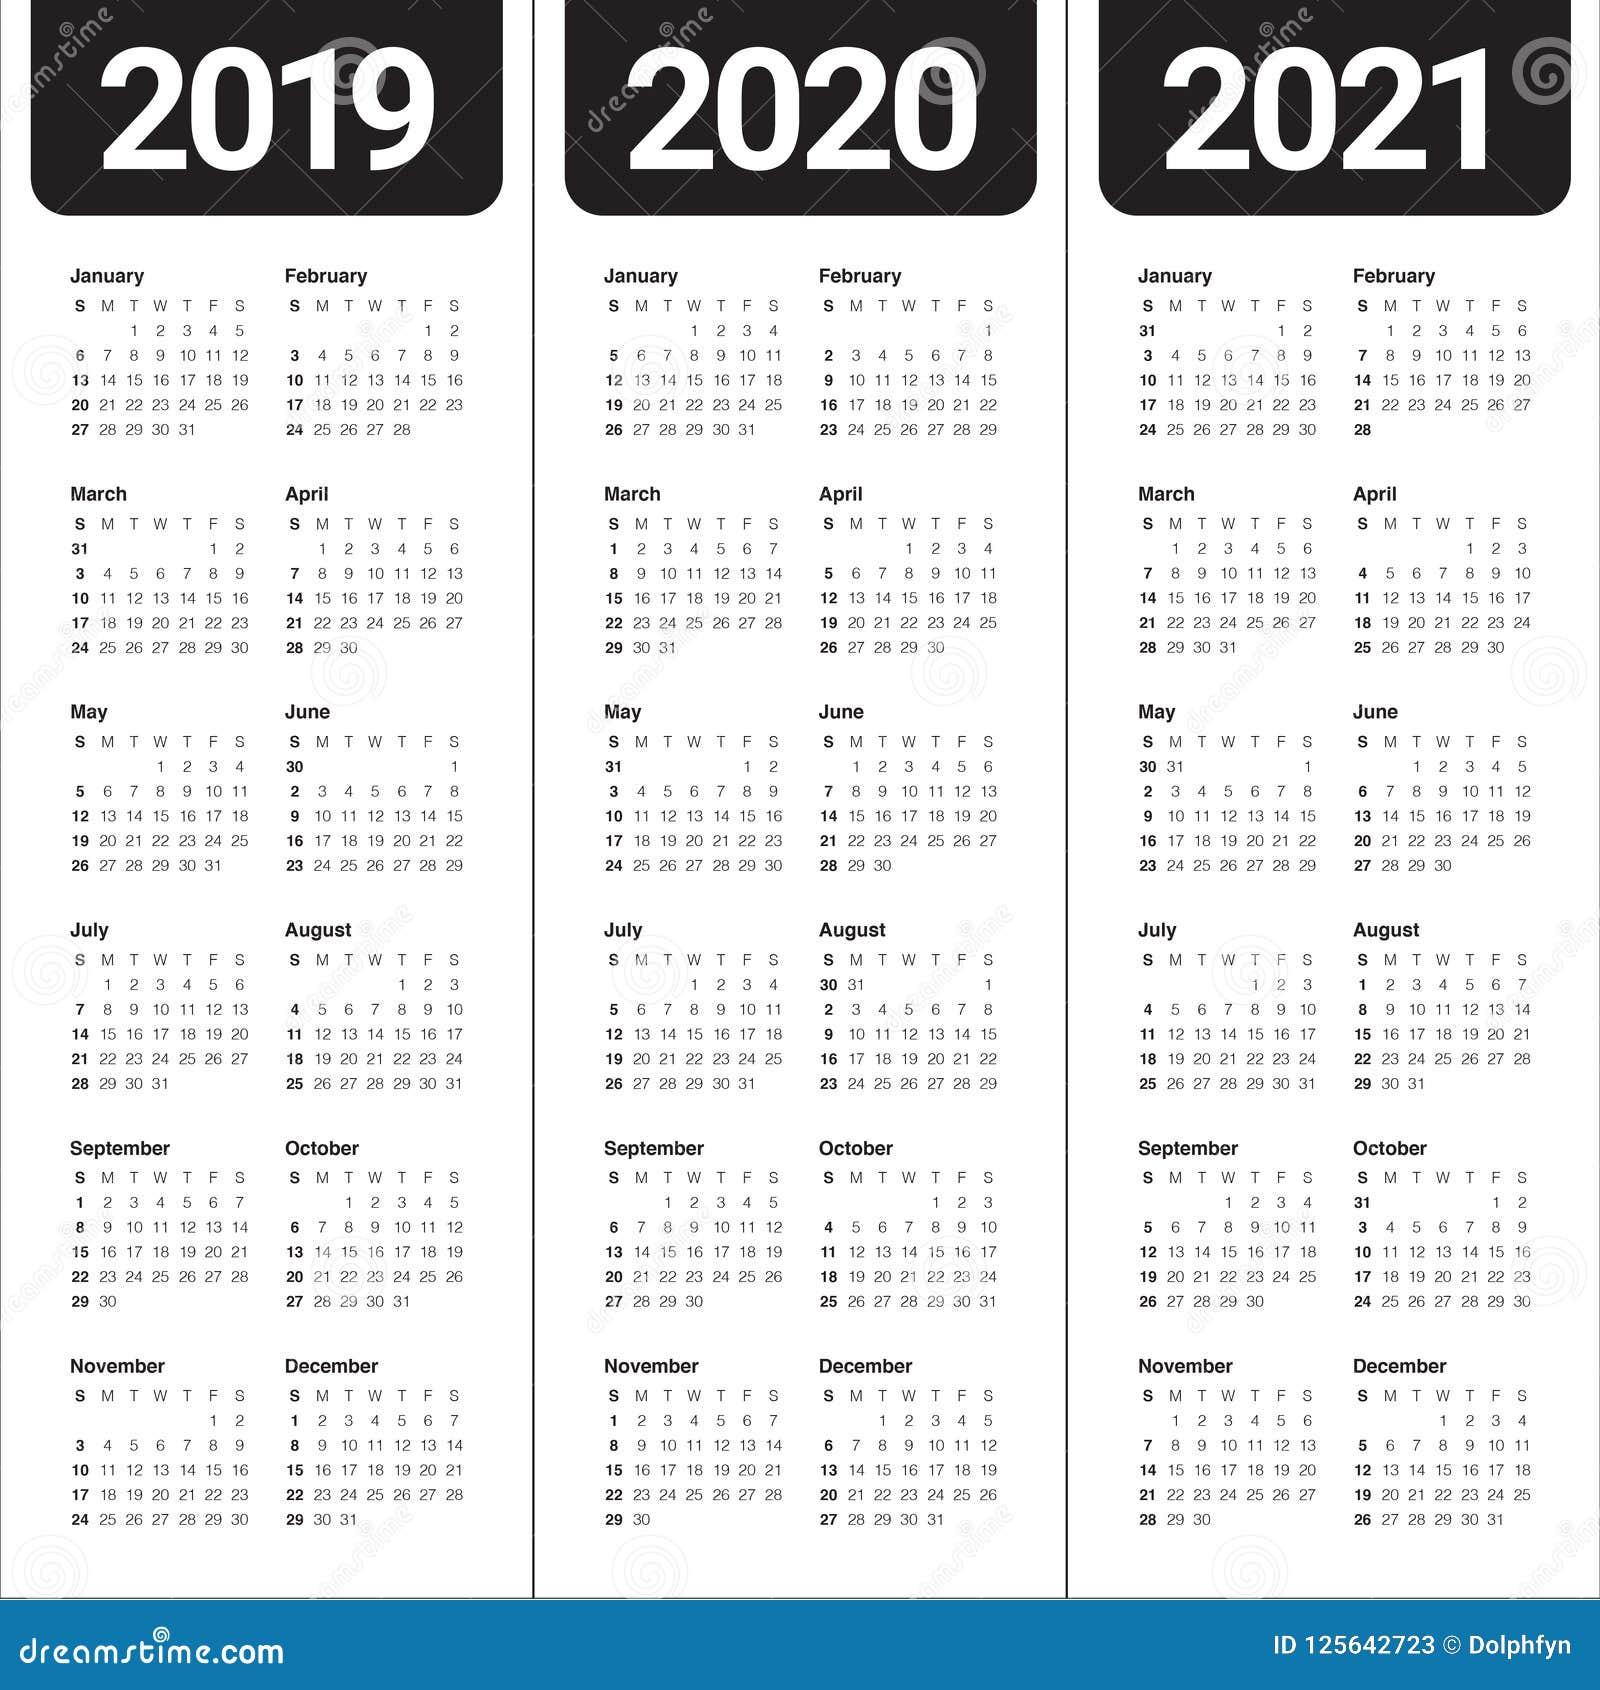 Calendario 2020 Vettoriale Gratis.Anno 2019 2020 Modello Di Progettazione Di Vettore Di 2021